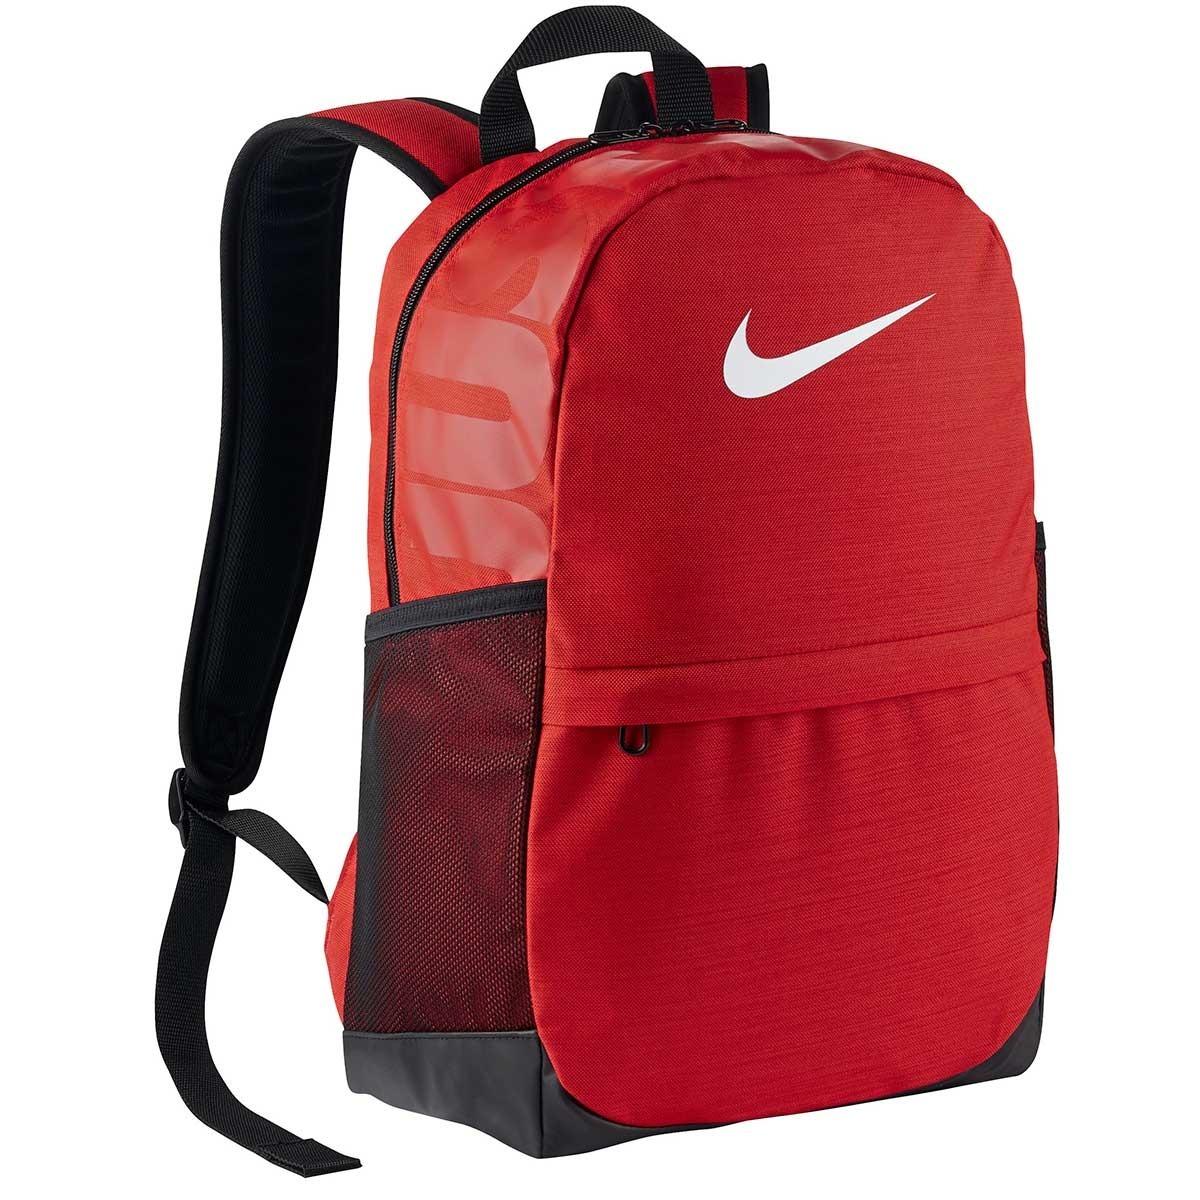 Ba5473 657Envio Dgt Escolar Mochila Hombre Nike Para MzGqSUVp